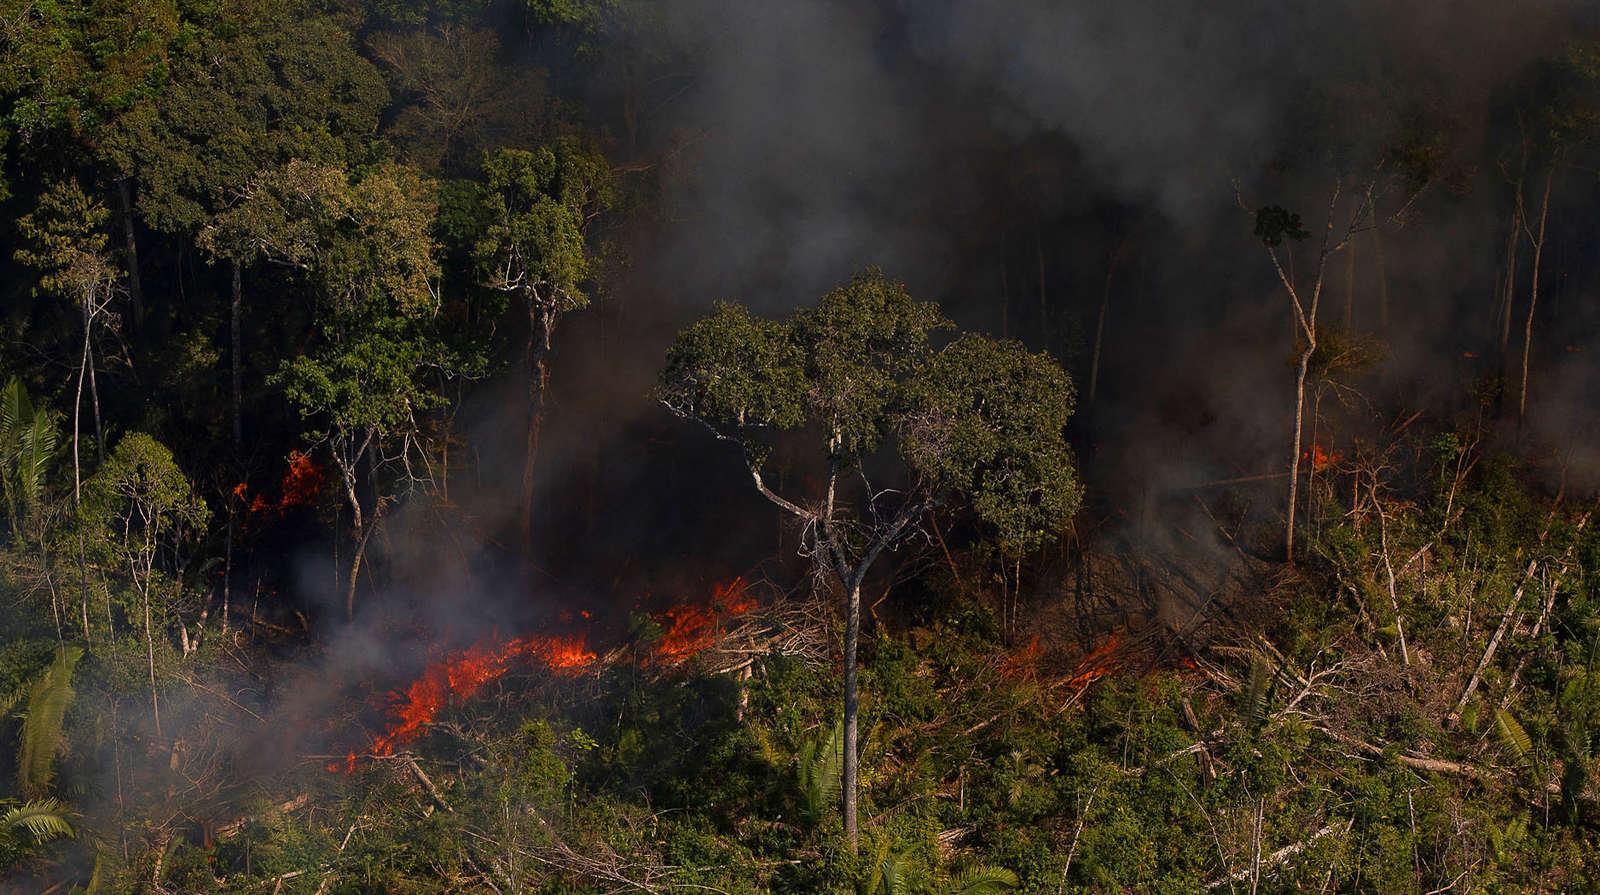 Prática recorrente entre fornecedores da JBS, o desmatamento é uma das principais causas do aquecimento global (Bruno Kelly/Amazônia Real)